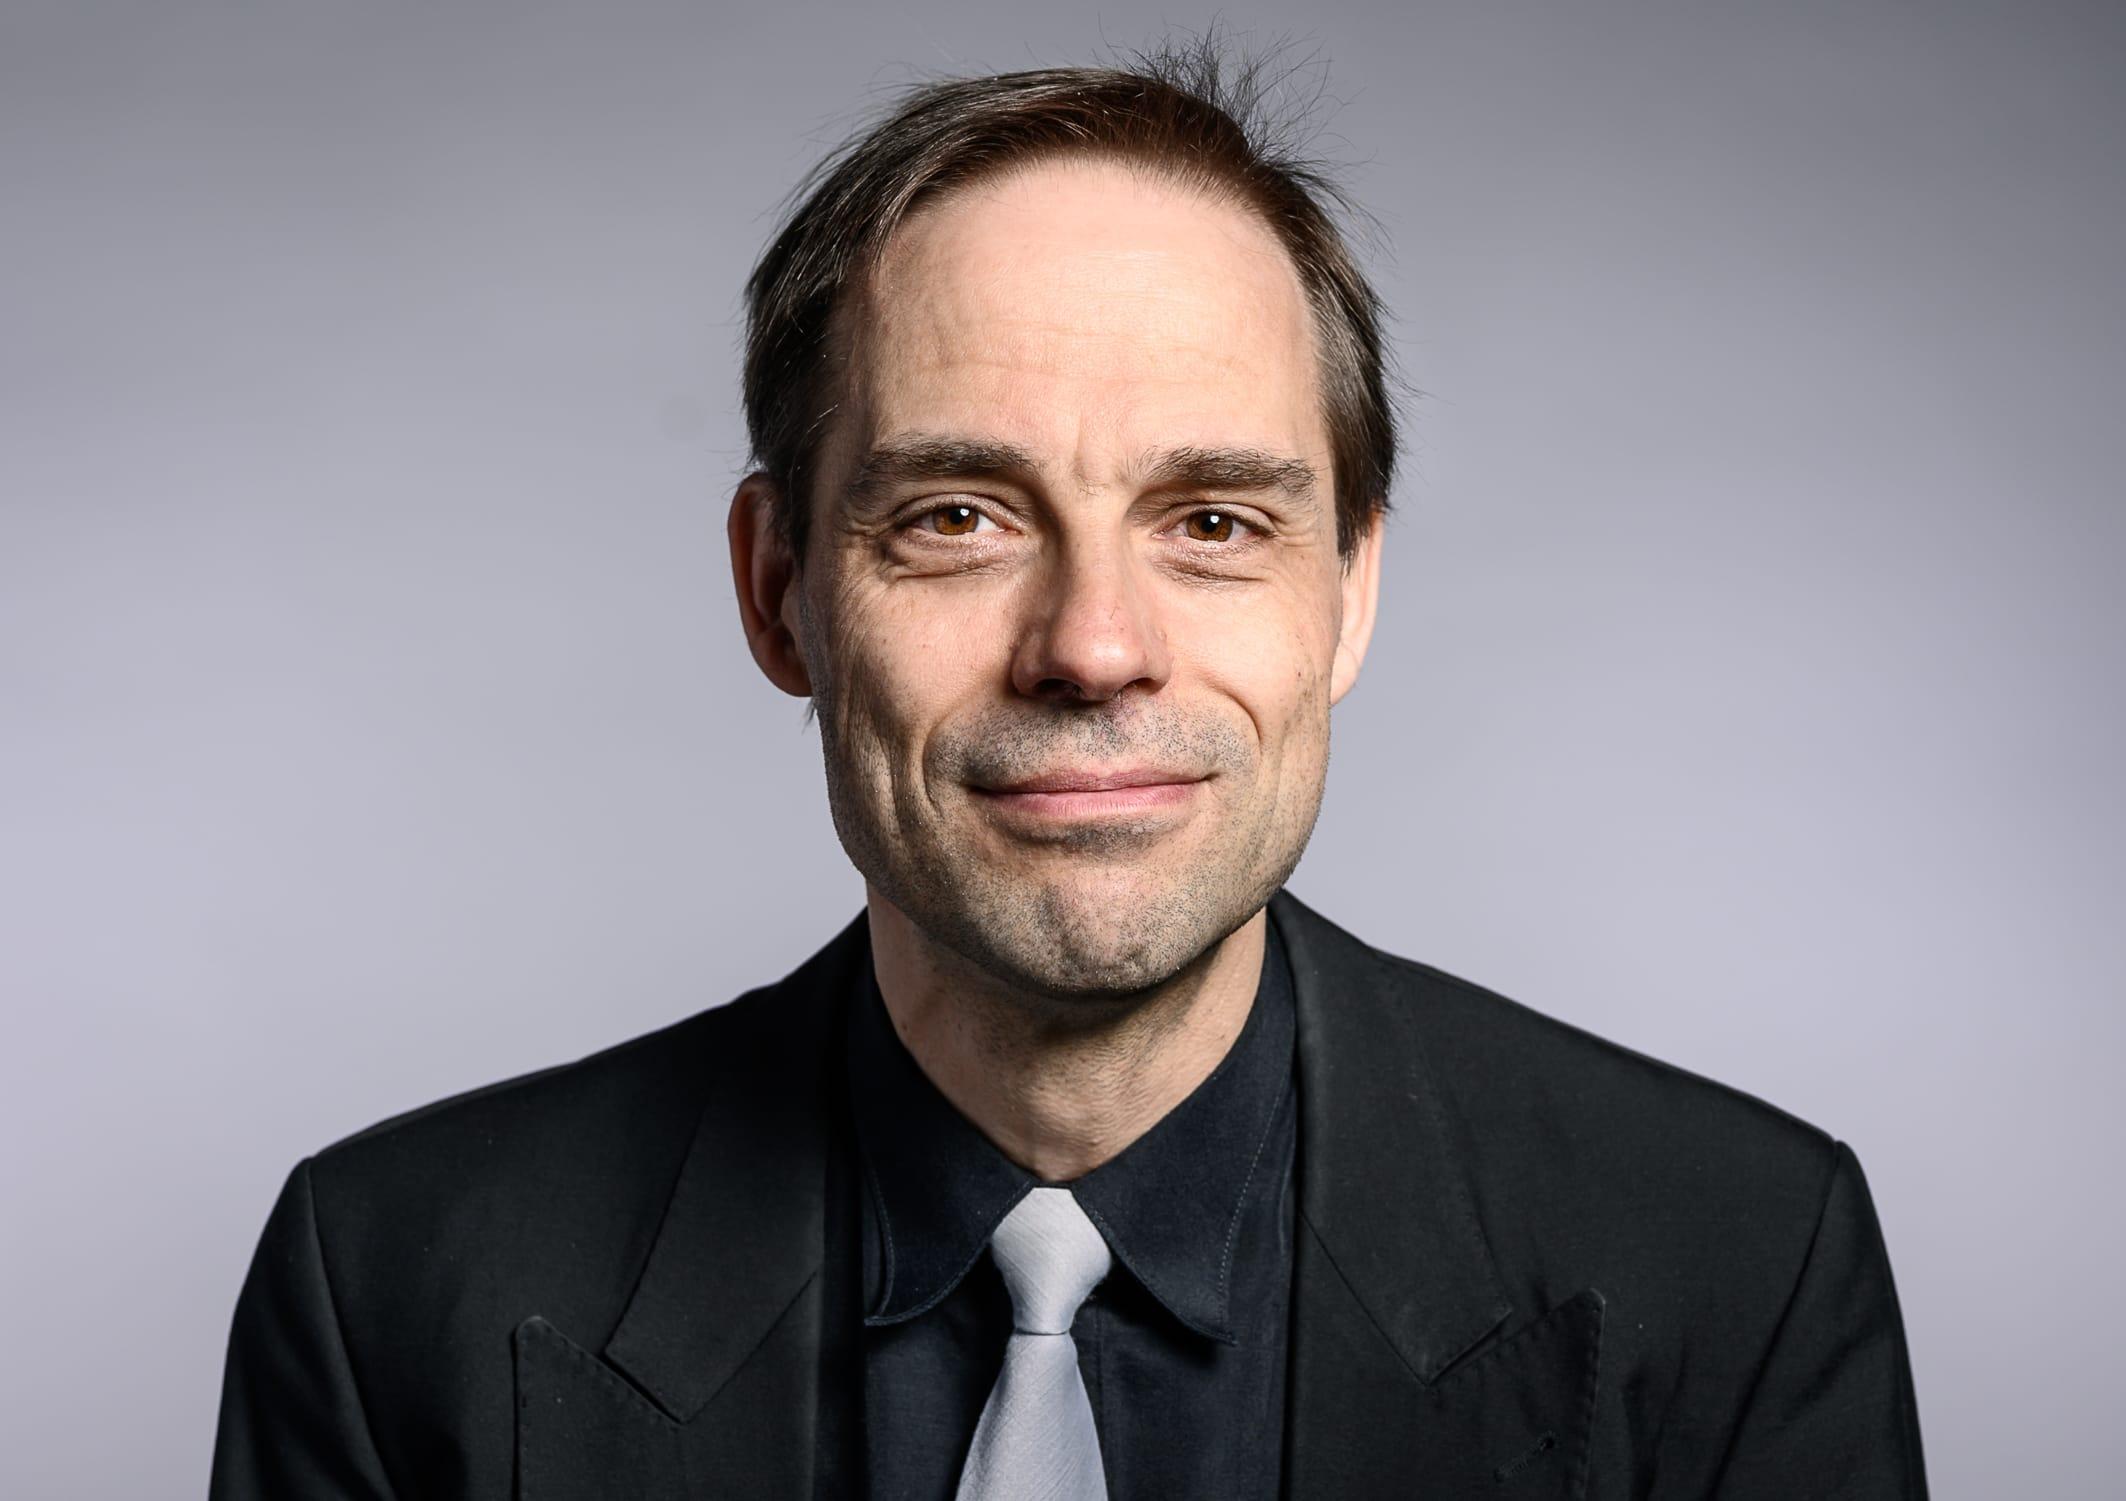 portrait Foto von Markus Darsow